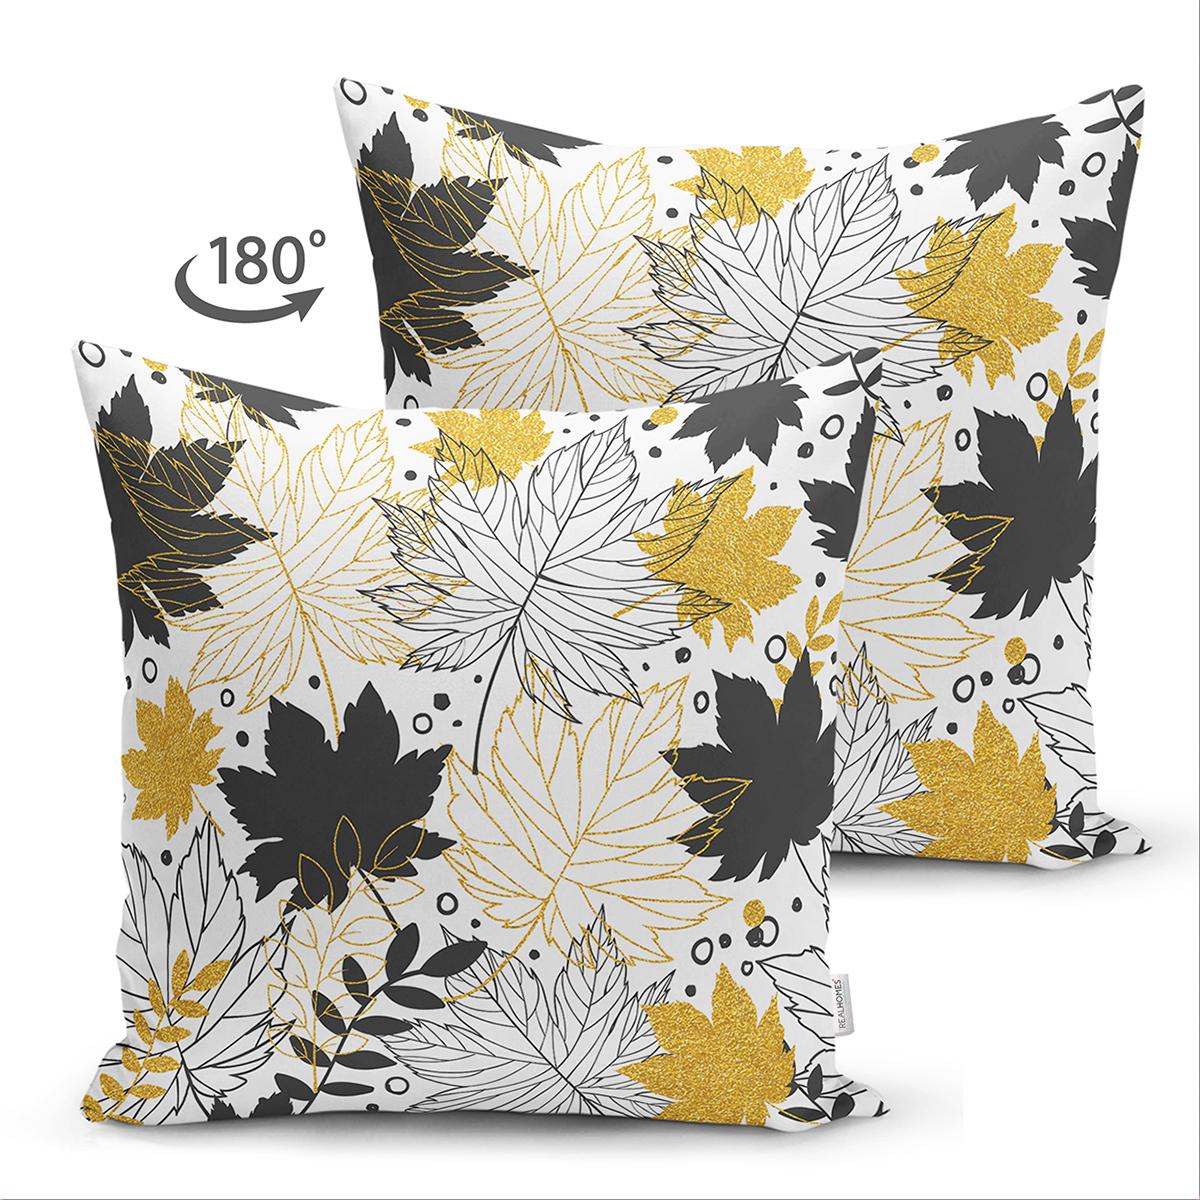 Çift Taraflı Beyaz Zemin Üzerinde Gold Detaylı Sonbahar Yaprak Desenli Süet Yastık Kırlent Kılıfı Realhomes